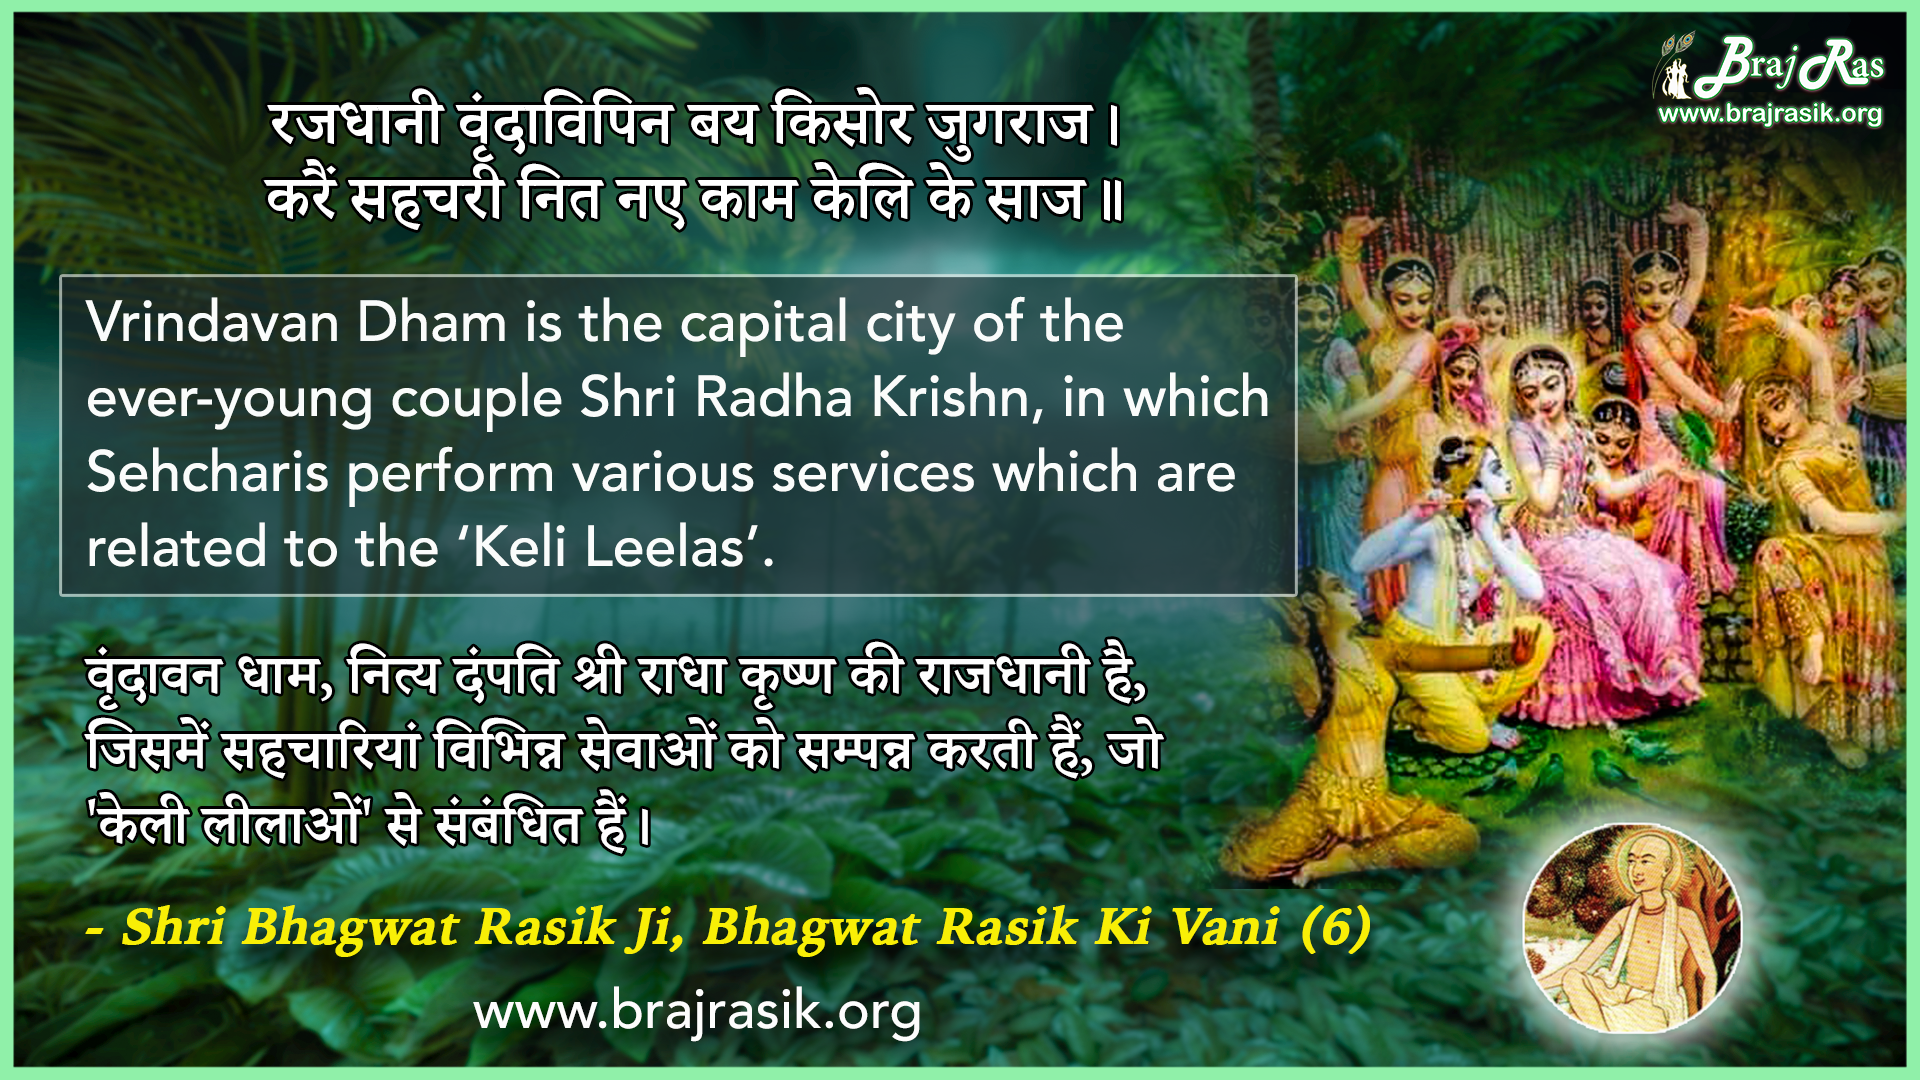 Rajdhaani Vrindavipin Baya Kisor Jugraaj - Shri Bhagwat Rasik Ji, Bhagwat Rasik Ki Vani (6)